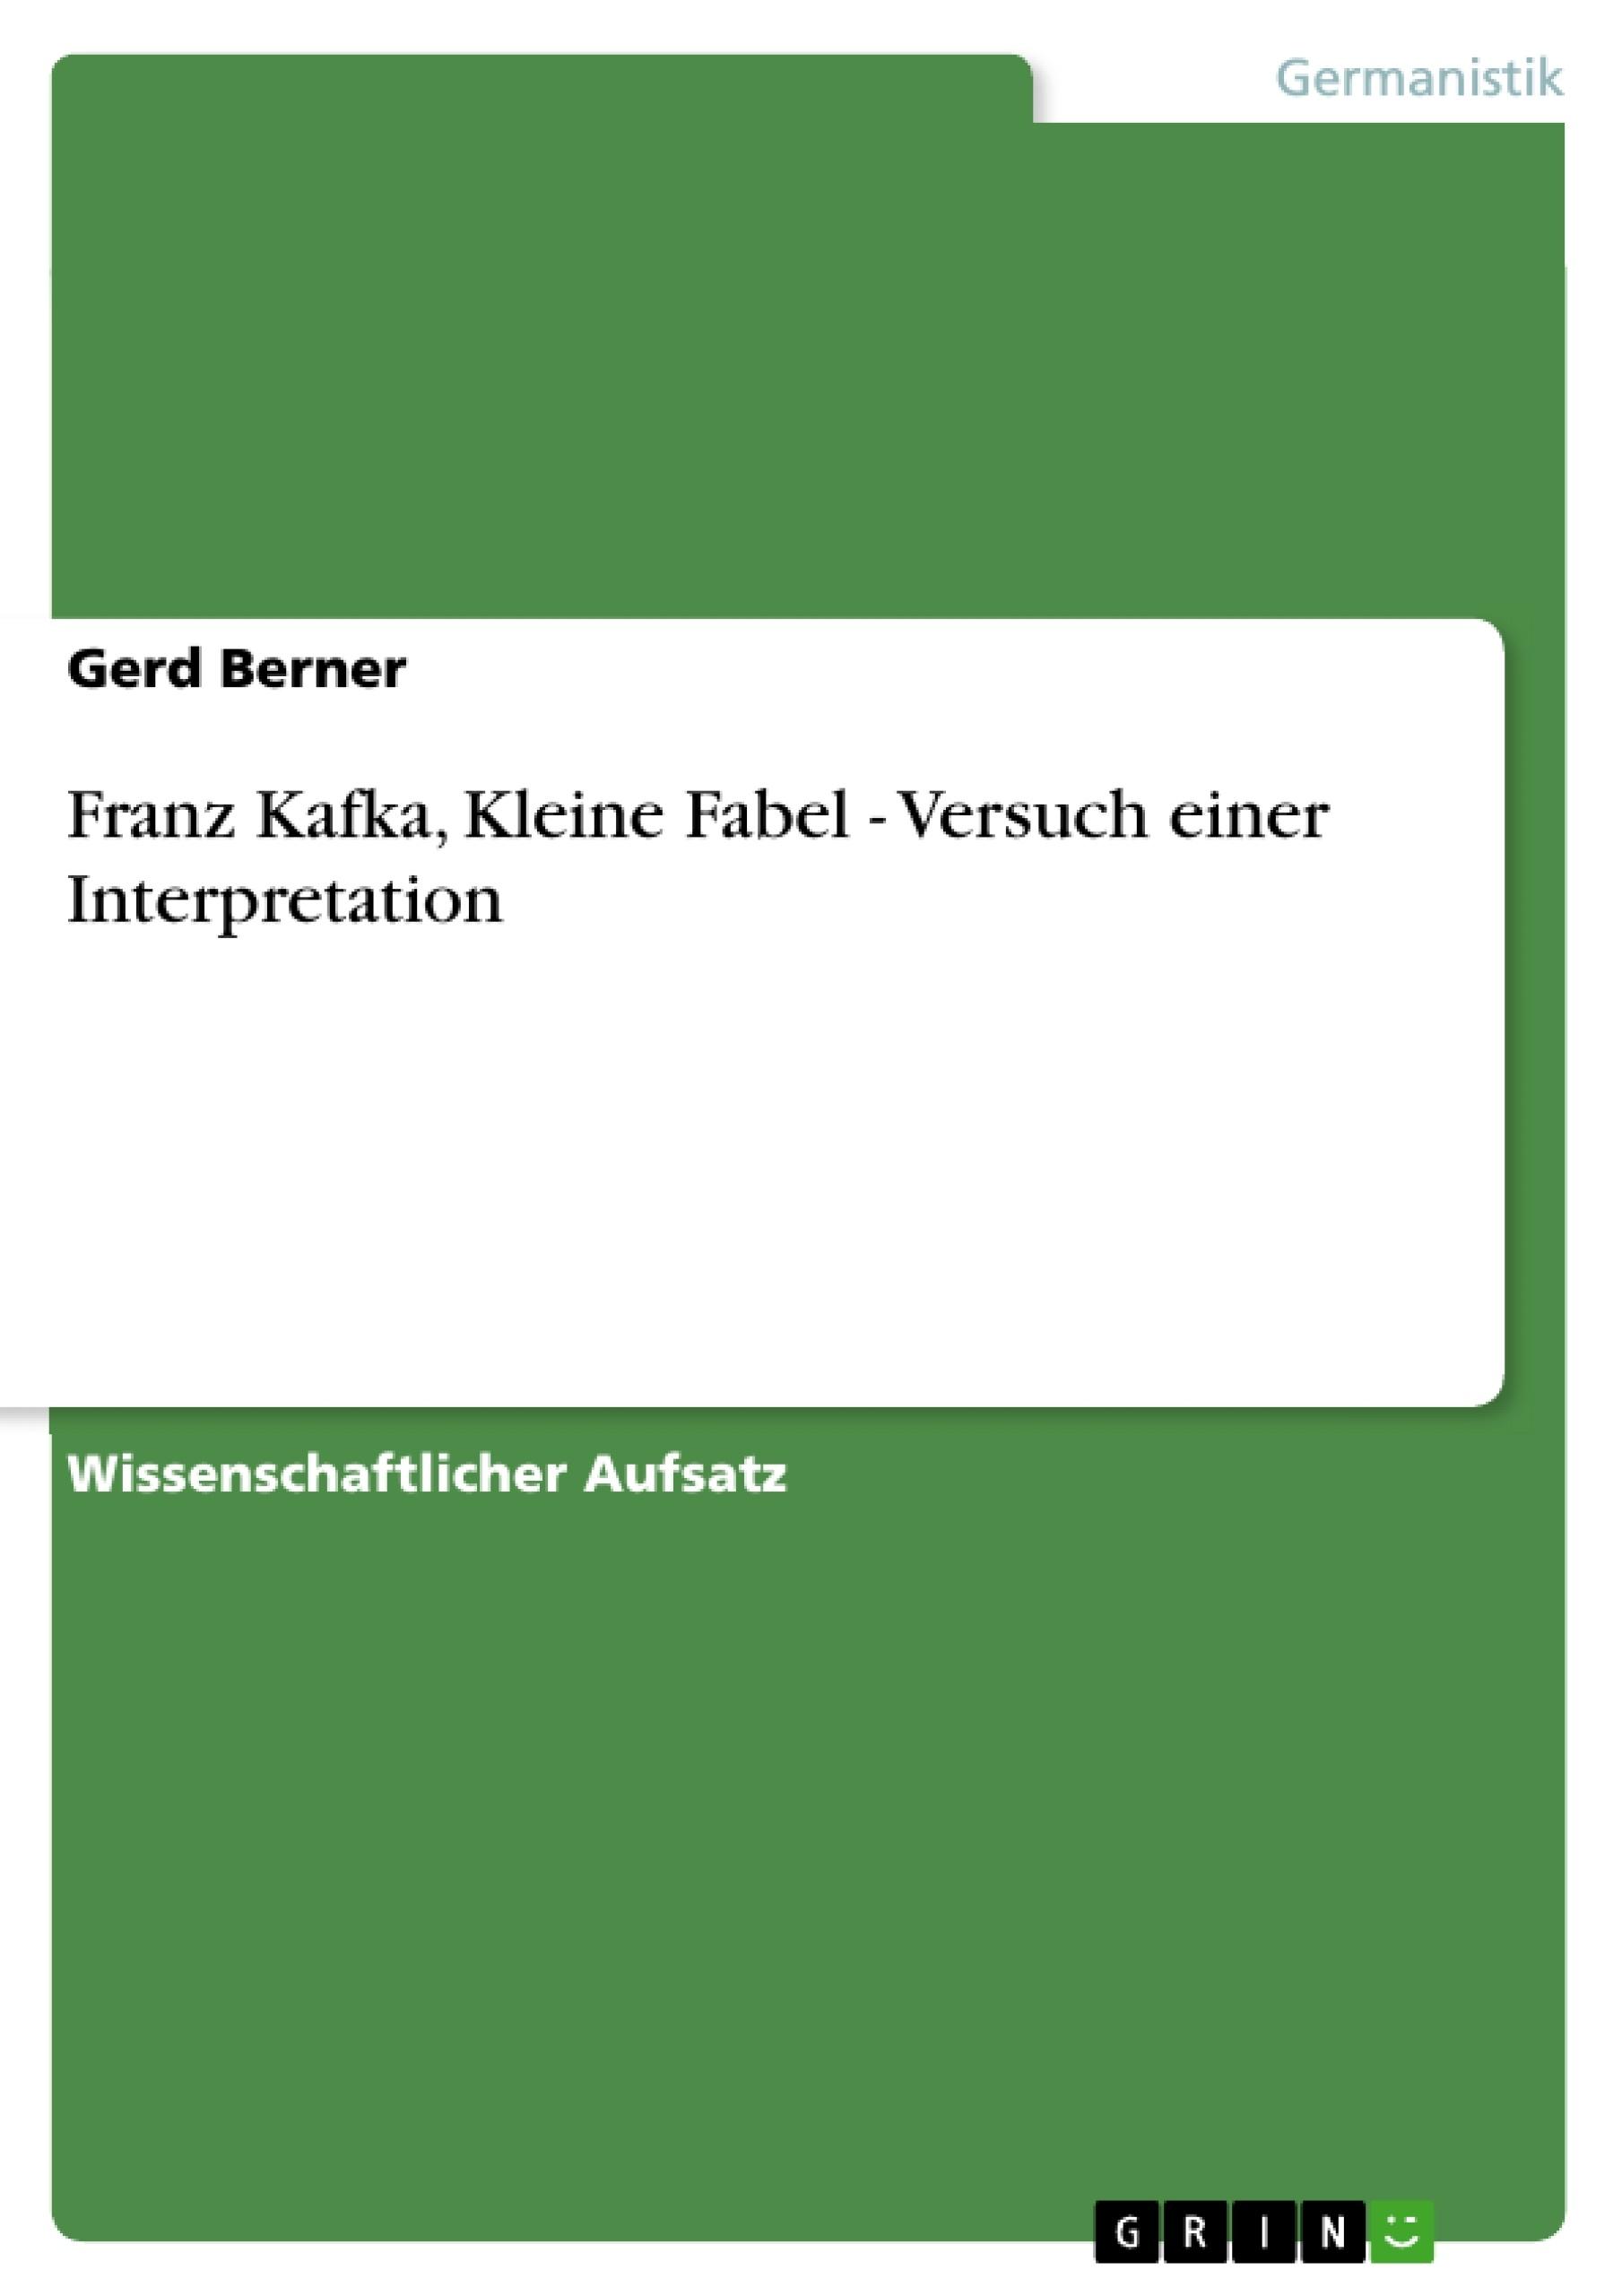 Titel: Franz Kafka, Kleine Fabel - Versuch einer Interpretation